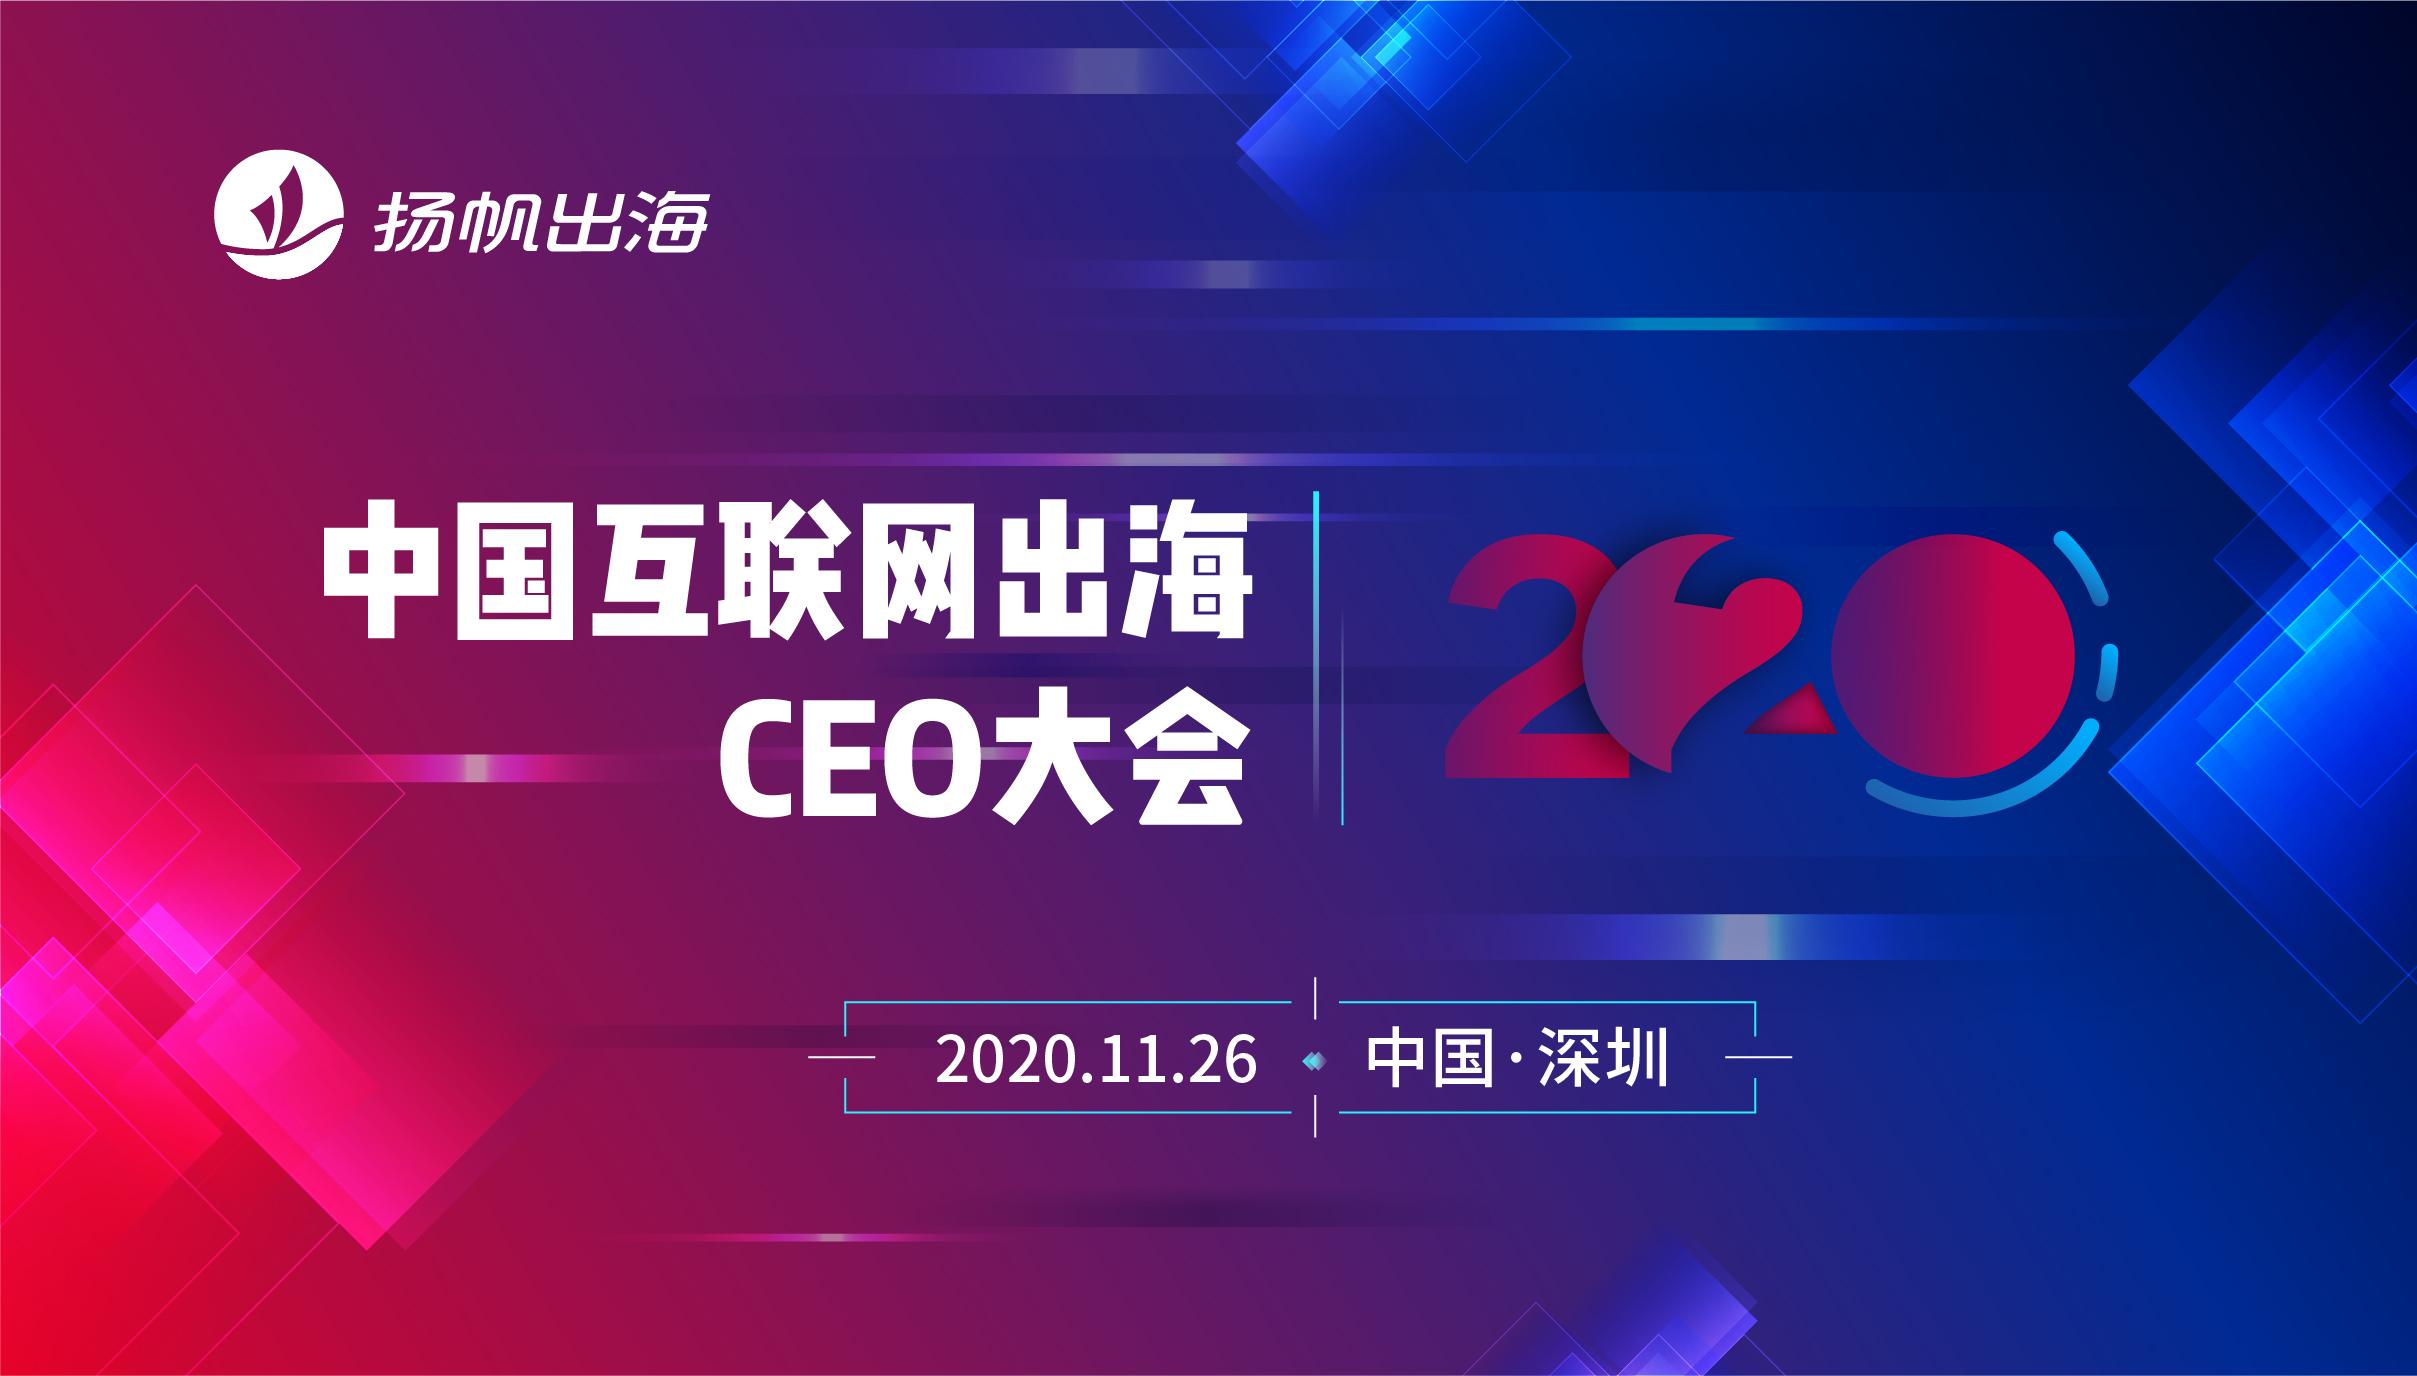 中国互联网出海ceo大会图